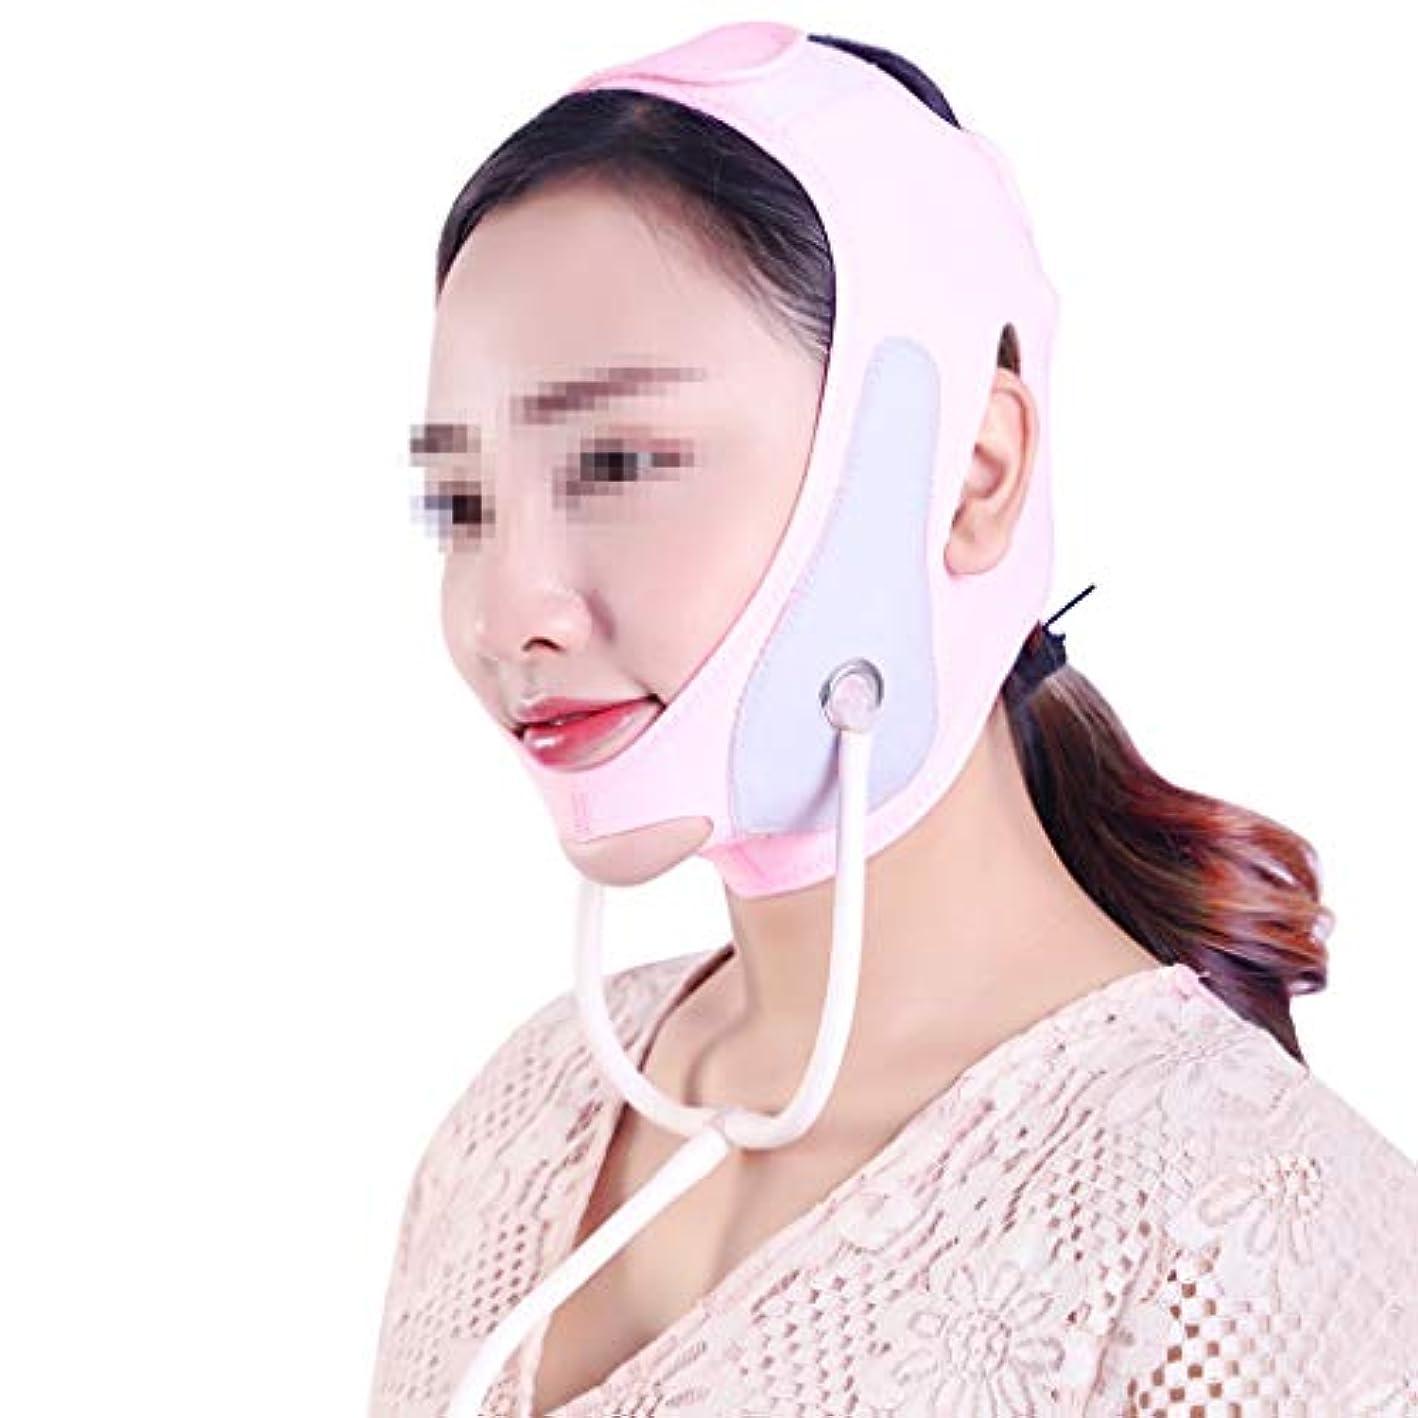 土器延ばすこのXHLMRMJ インフレータブルフェイスリフティングマスク、小さなvフェイスステッカーリフトプル形状筋肉引き締めスキンダブルチン包帯ピンク